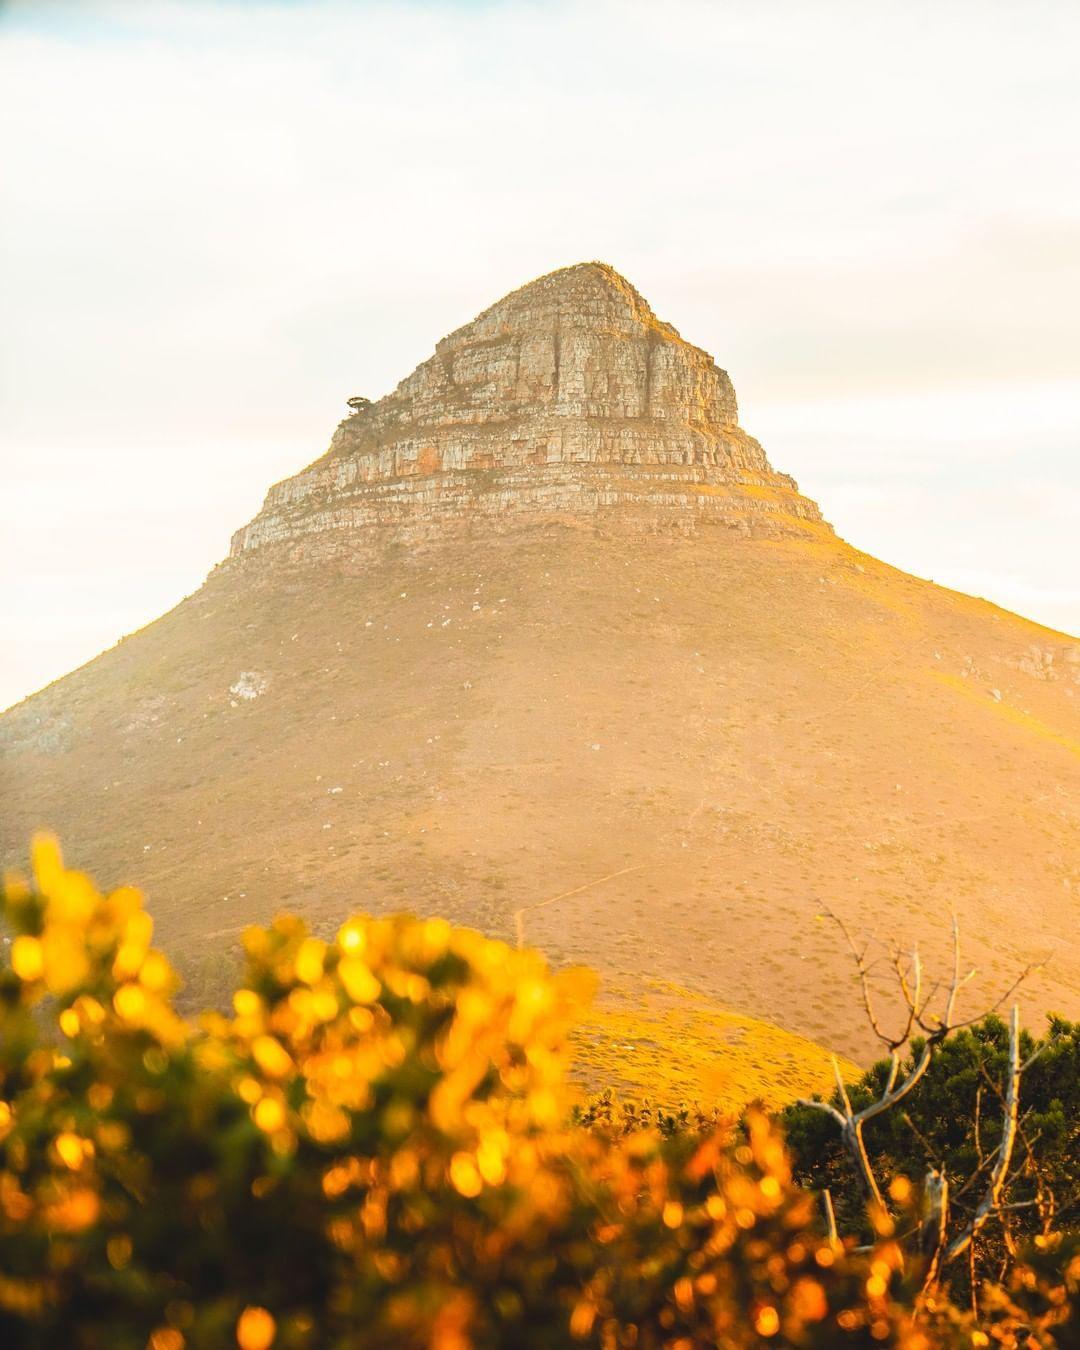 Kapstadt Fotospots Die Top 10 Locations Fur Deinen Kapstadt Urlaub Kapstadt Urlaub Urlaub Finden Sudafrika Urlaub